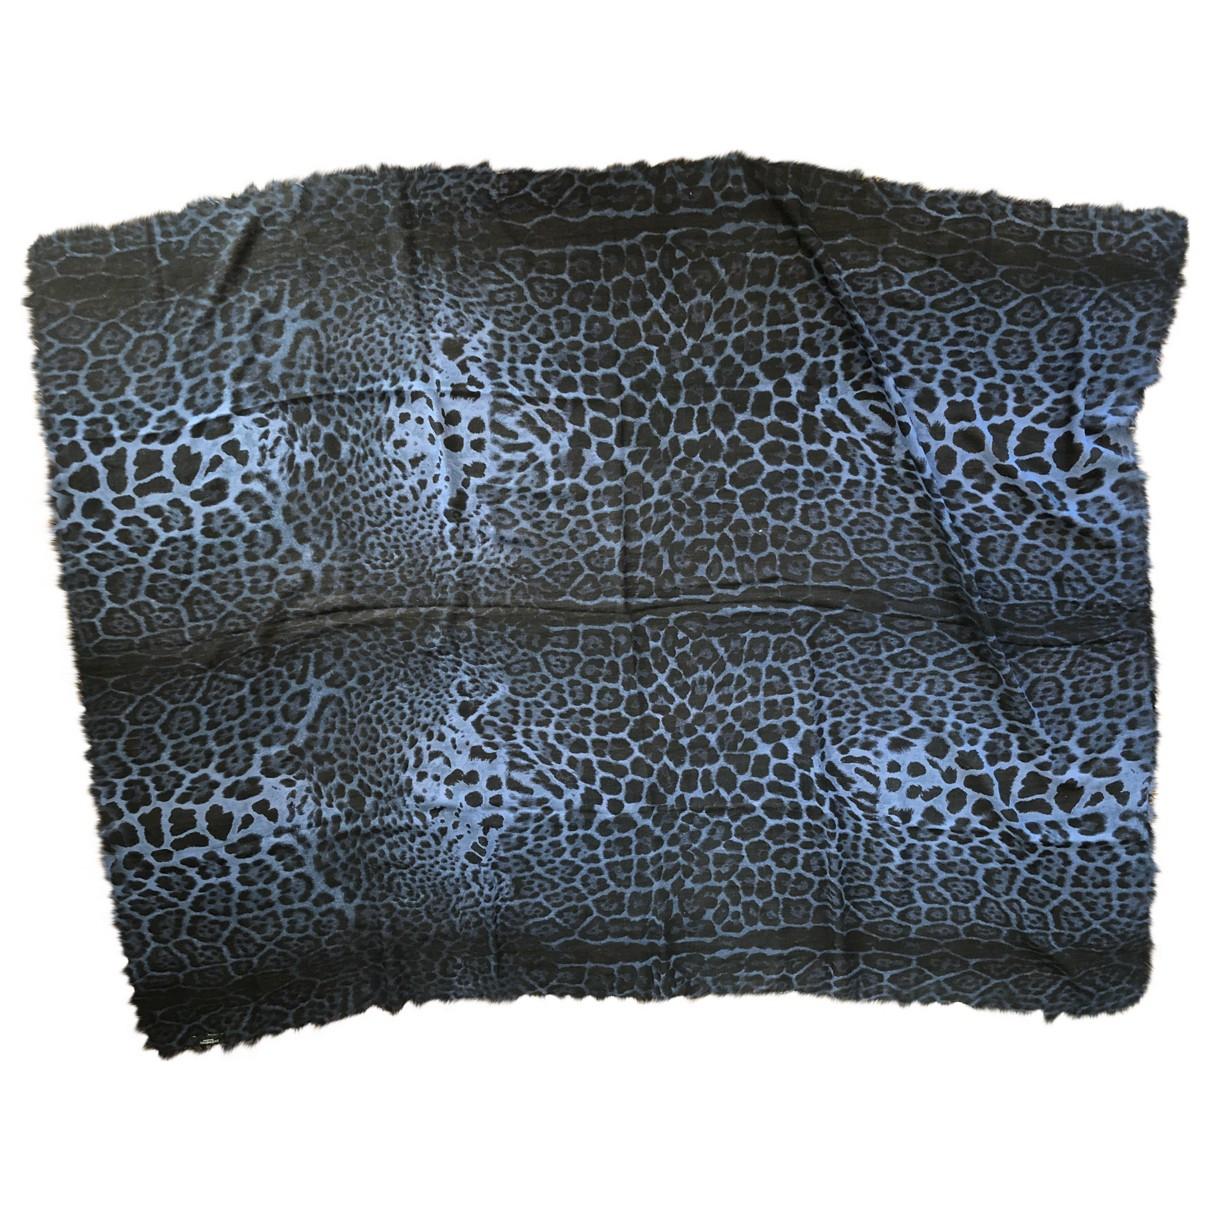 Yves Saint Laurent - Foulard   pour femme en laine - bleu